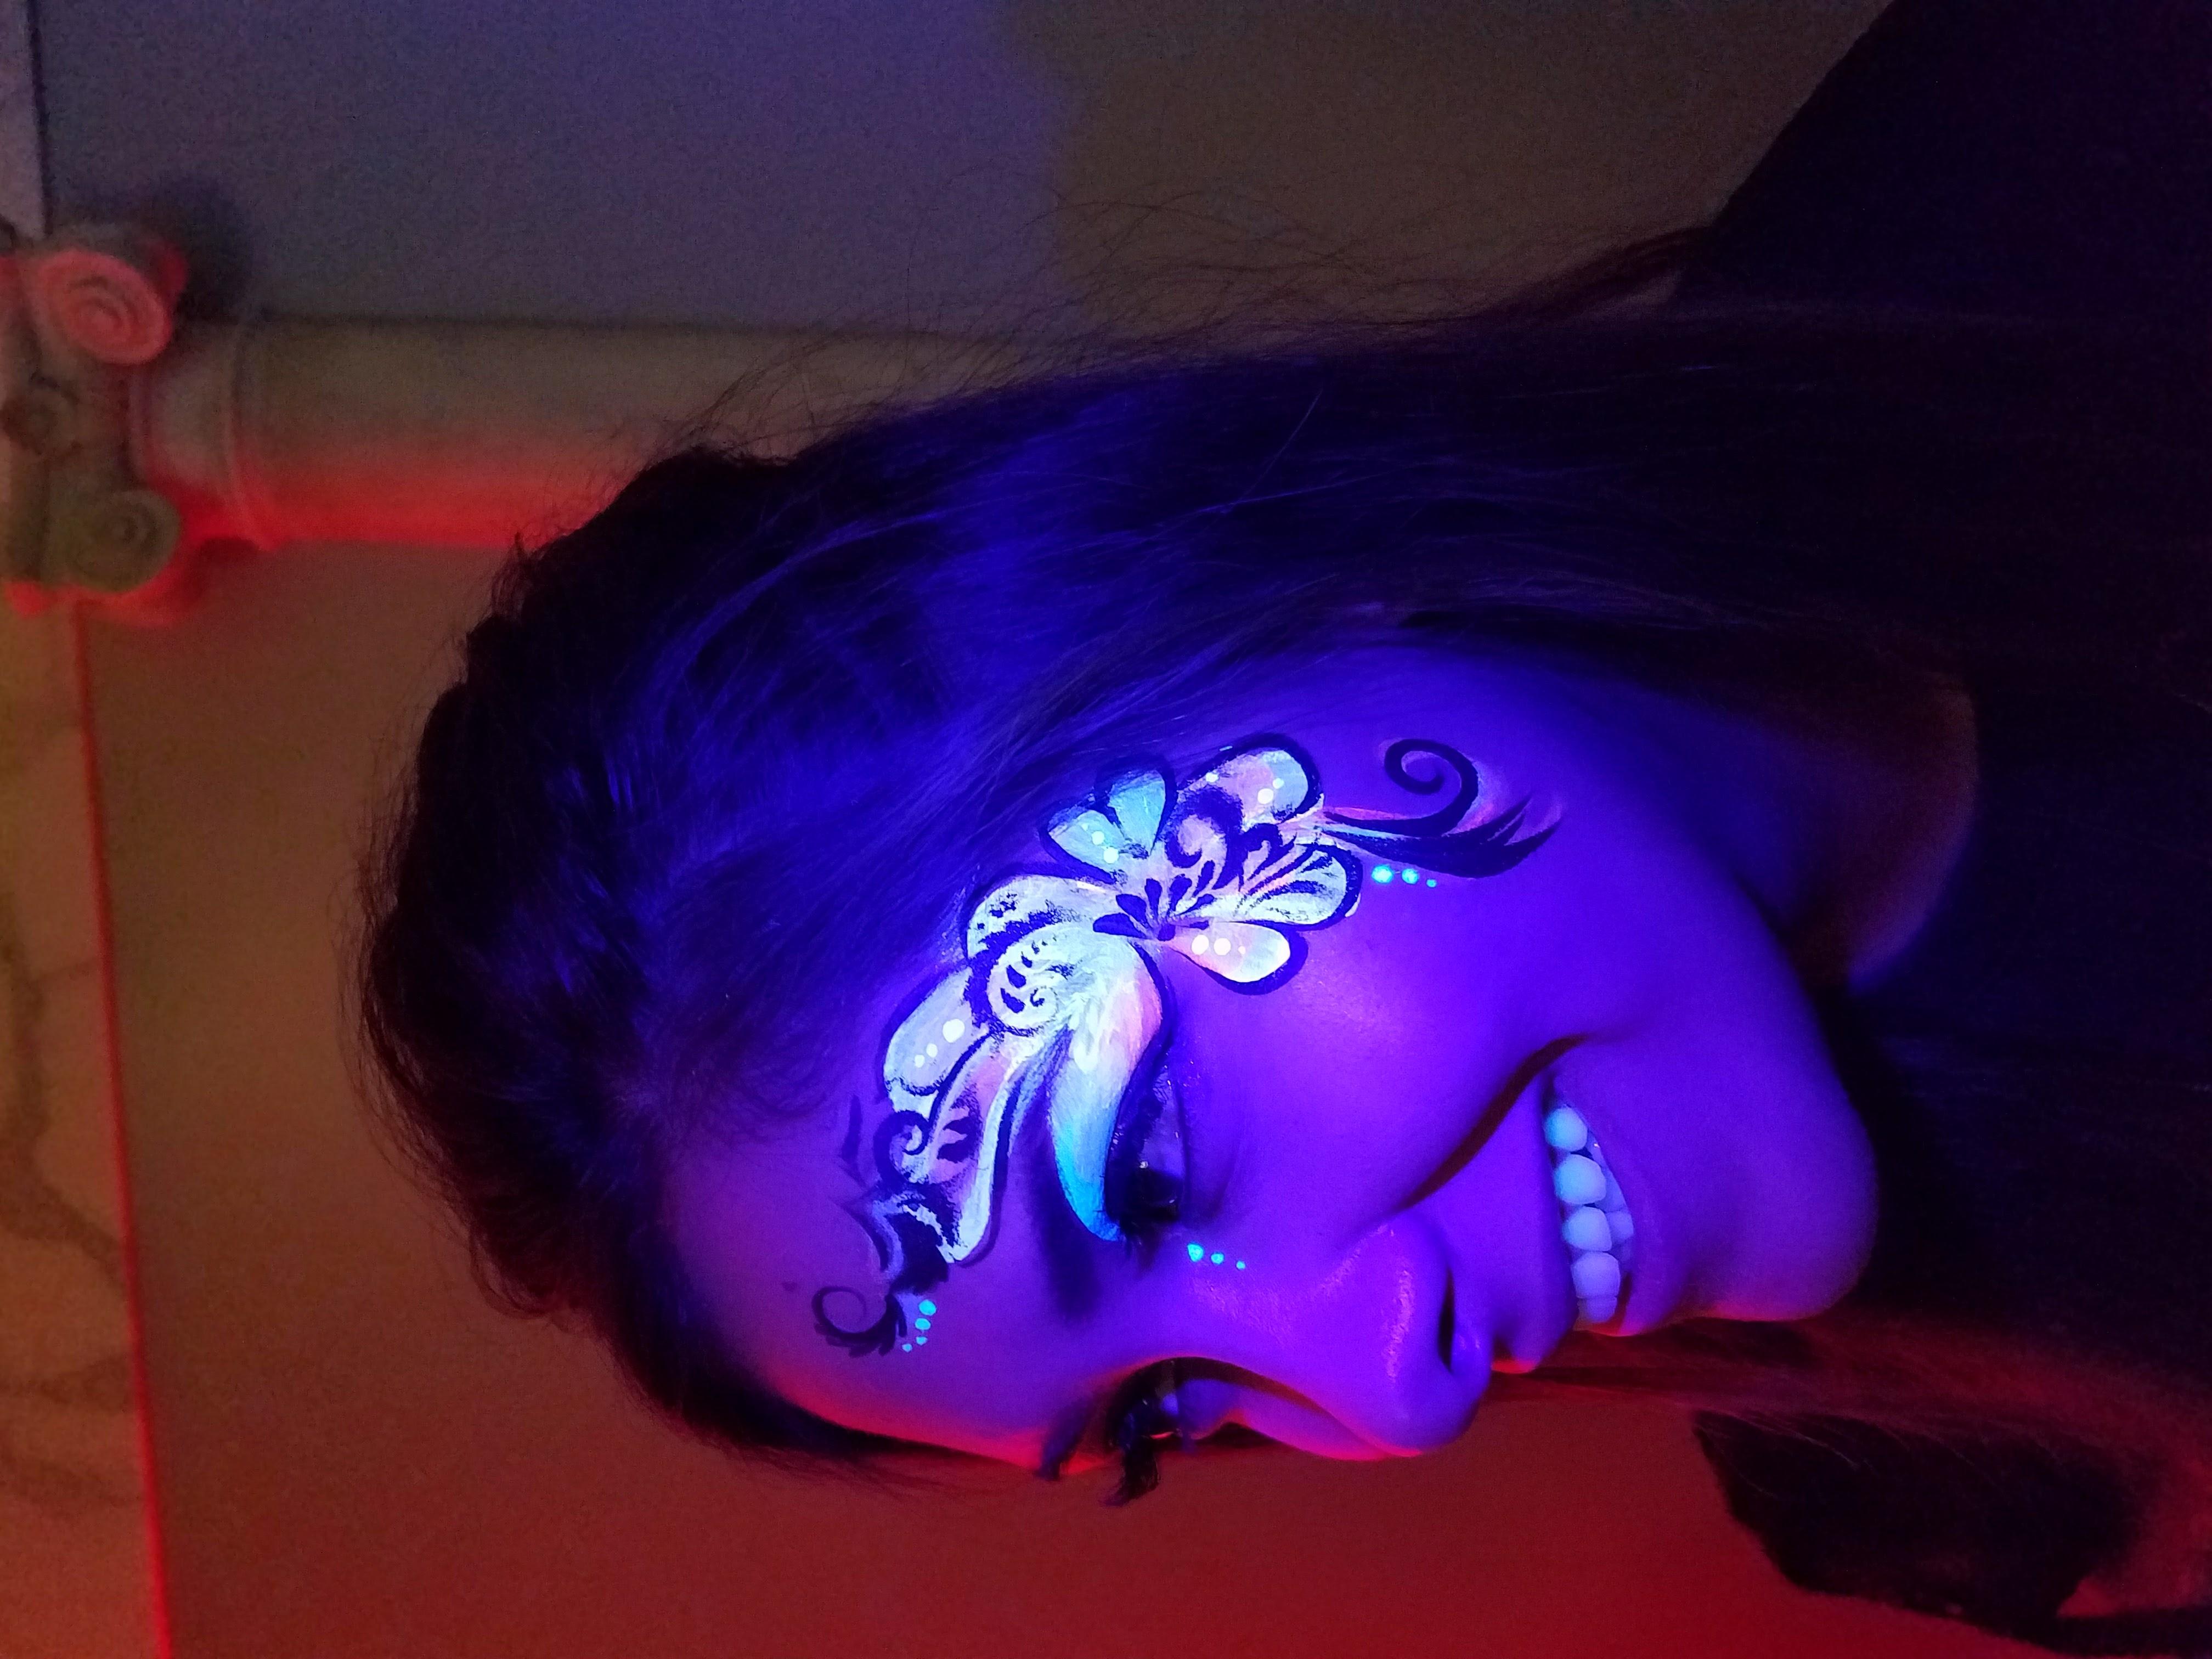 UV floral face (under UV/blacklight)